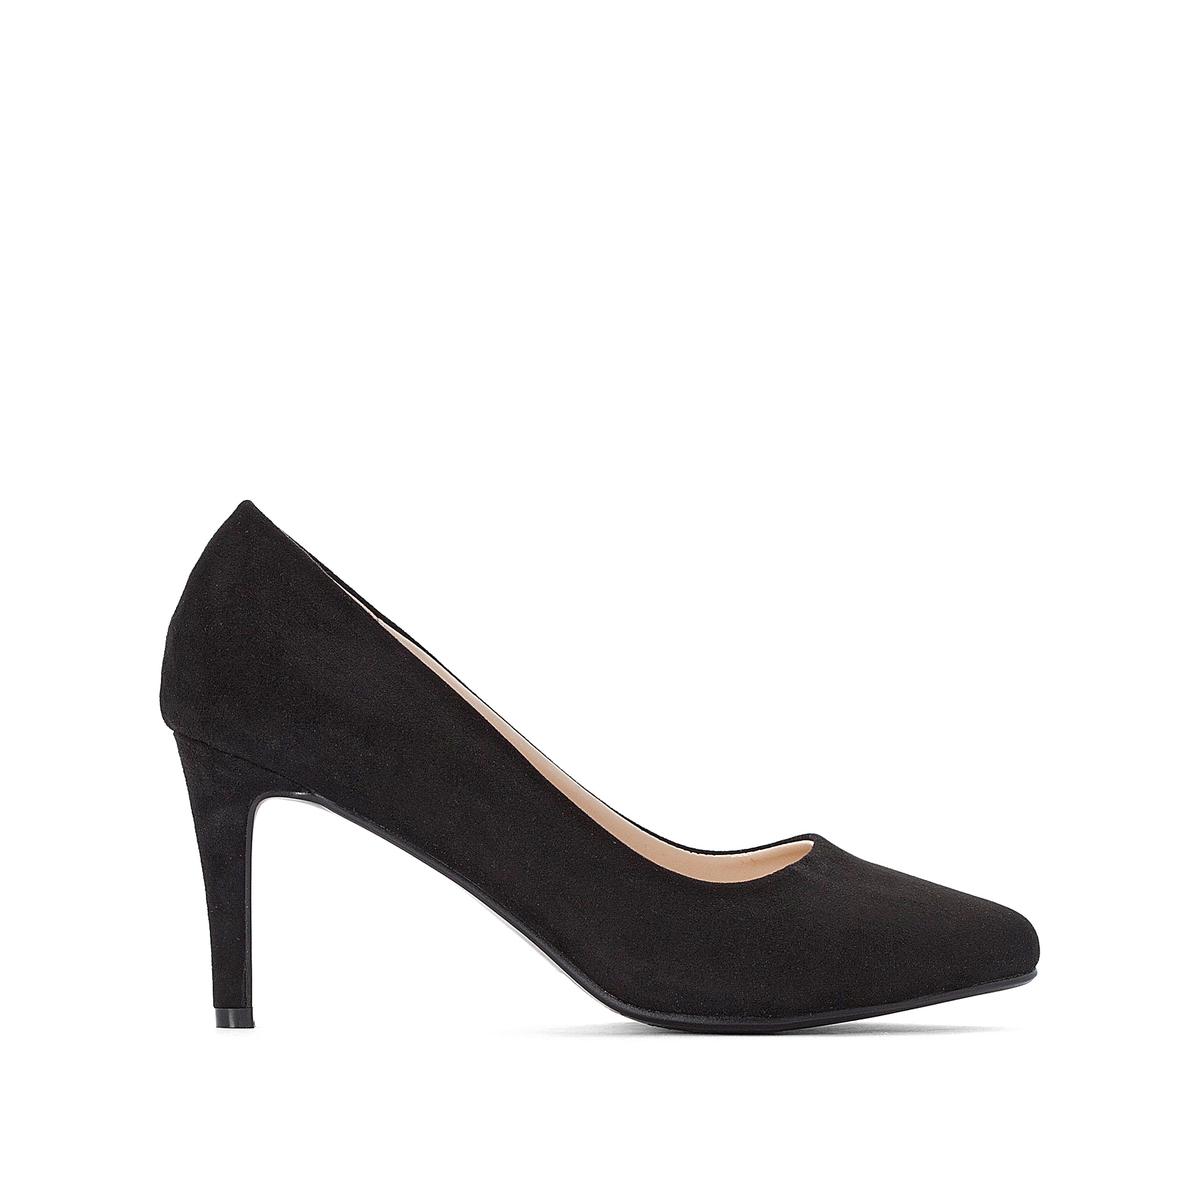 цена на Туфли La Redoute С заостренным мыском на высоком каблуке для широкой стопы размеры - 38 черный